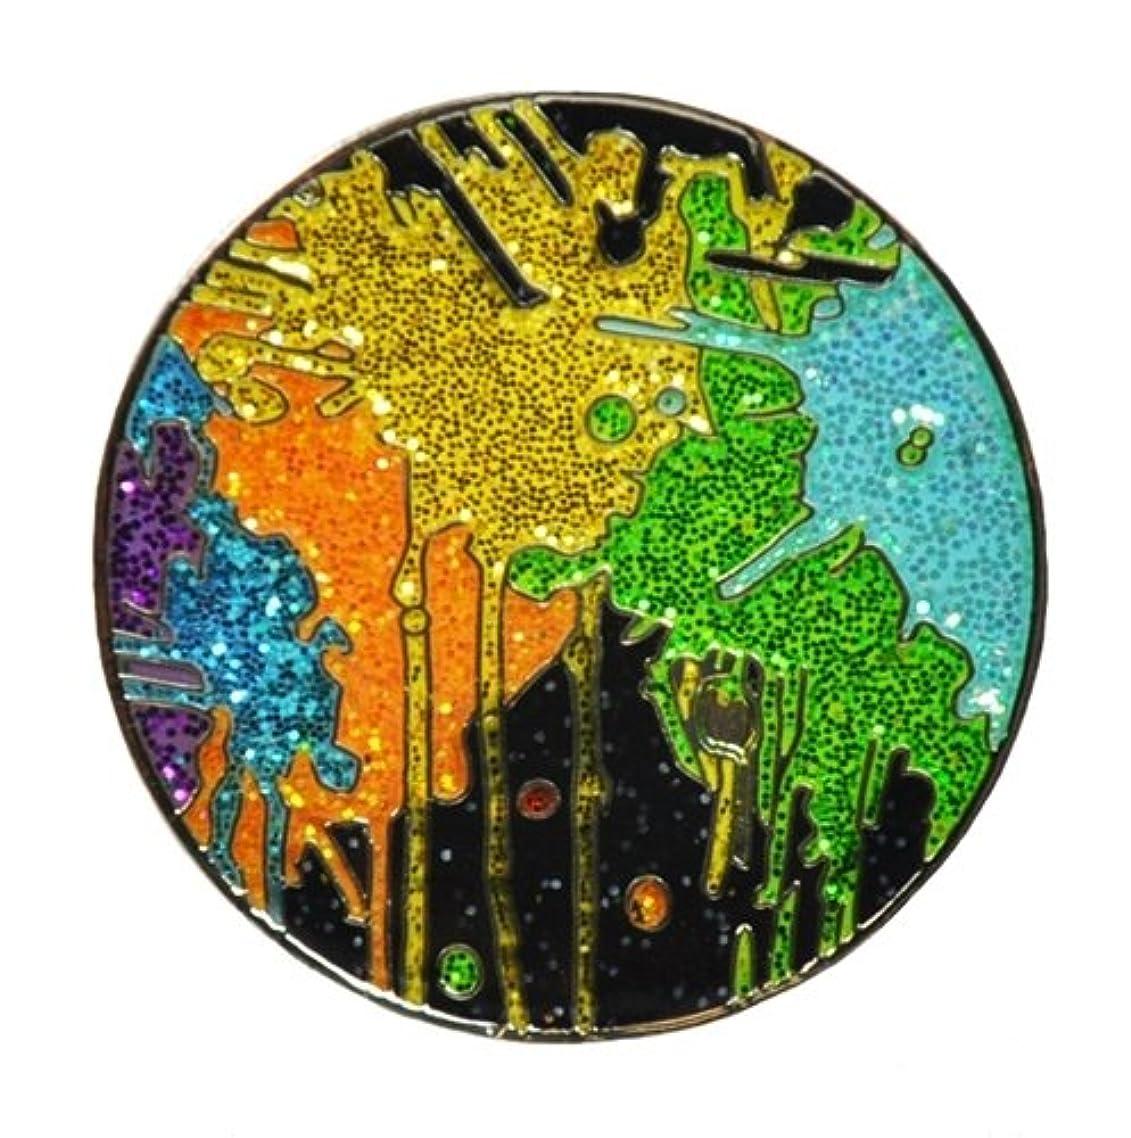 二次しばしば証書Loudmouthゴルフボールマーカー&帽子クリップby Navika – Paint Balls with Crushedクリスタル